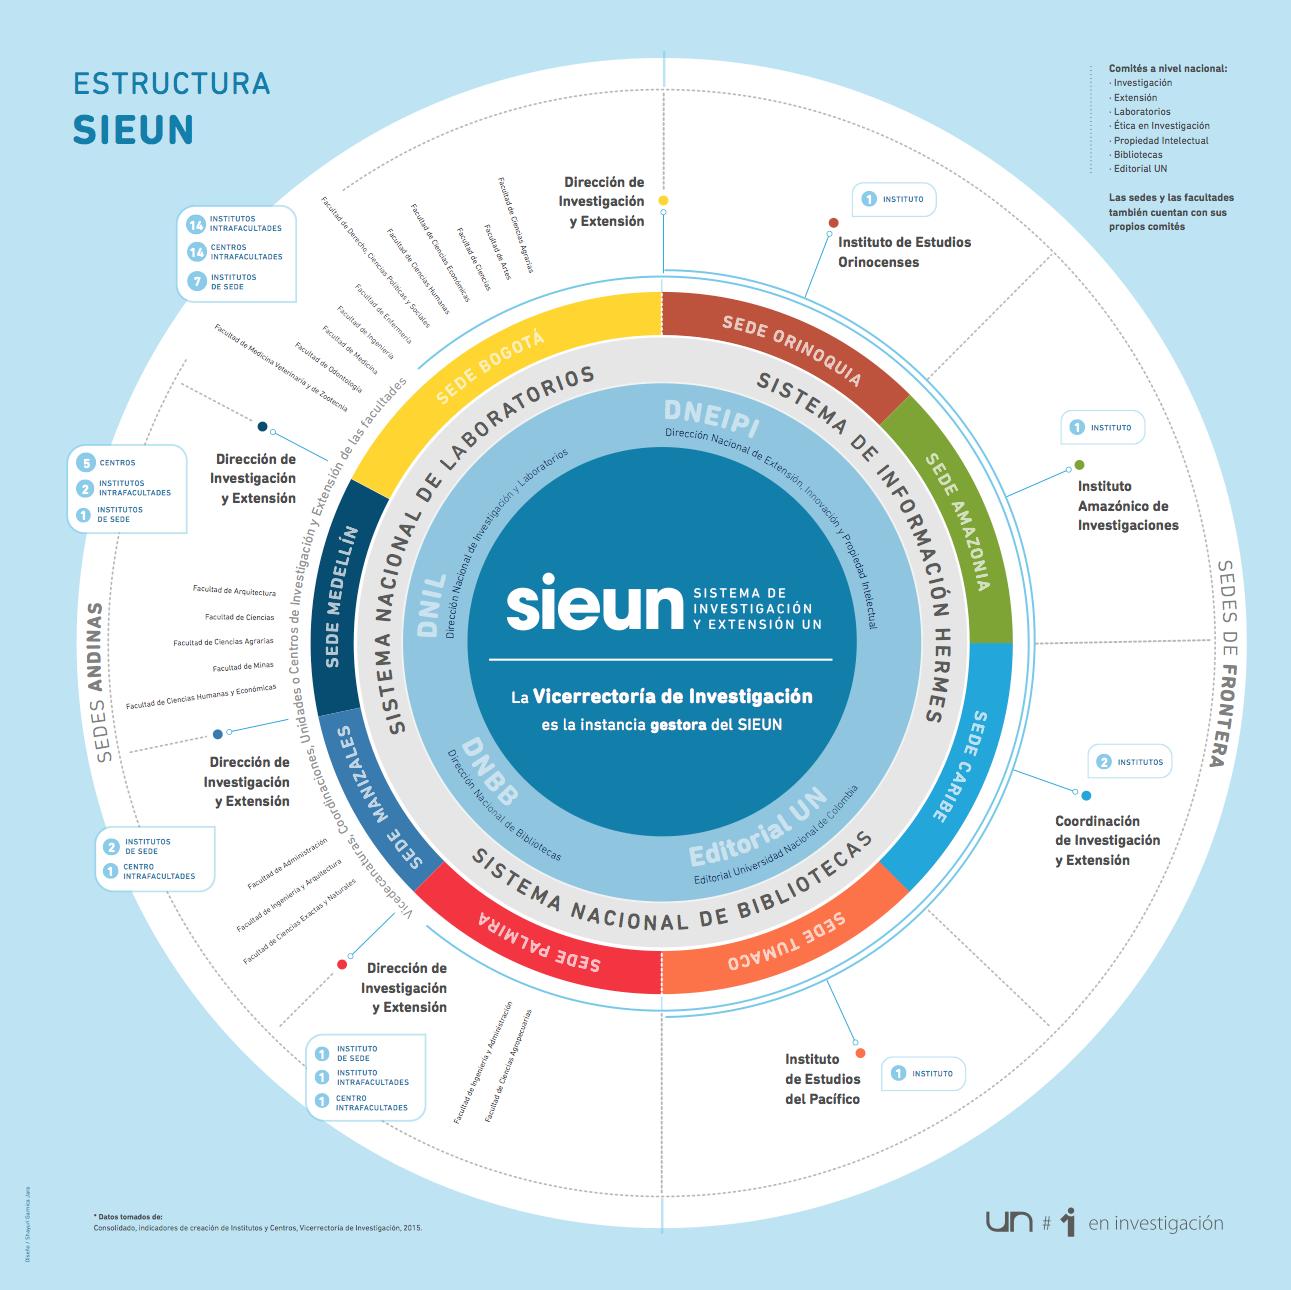 Estructura del Sistema de Investigación UN